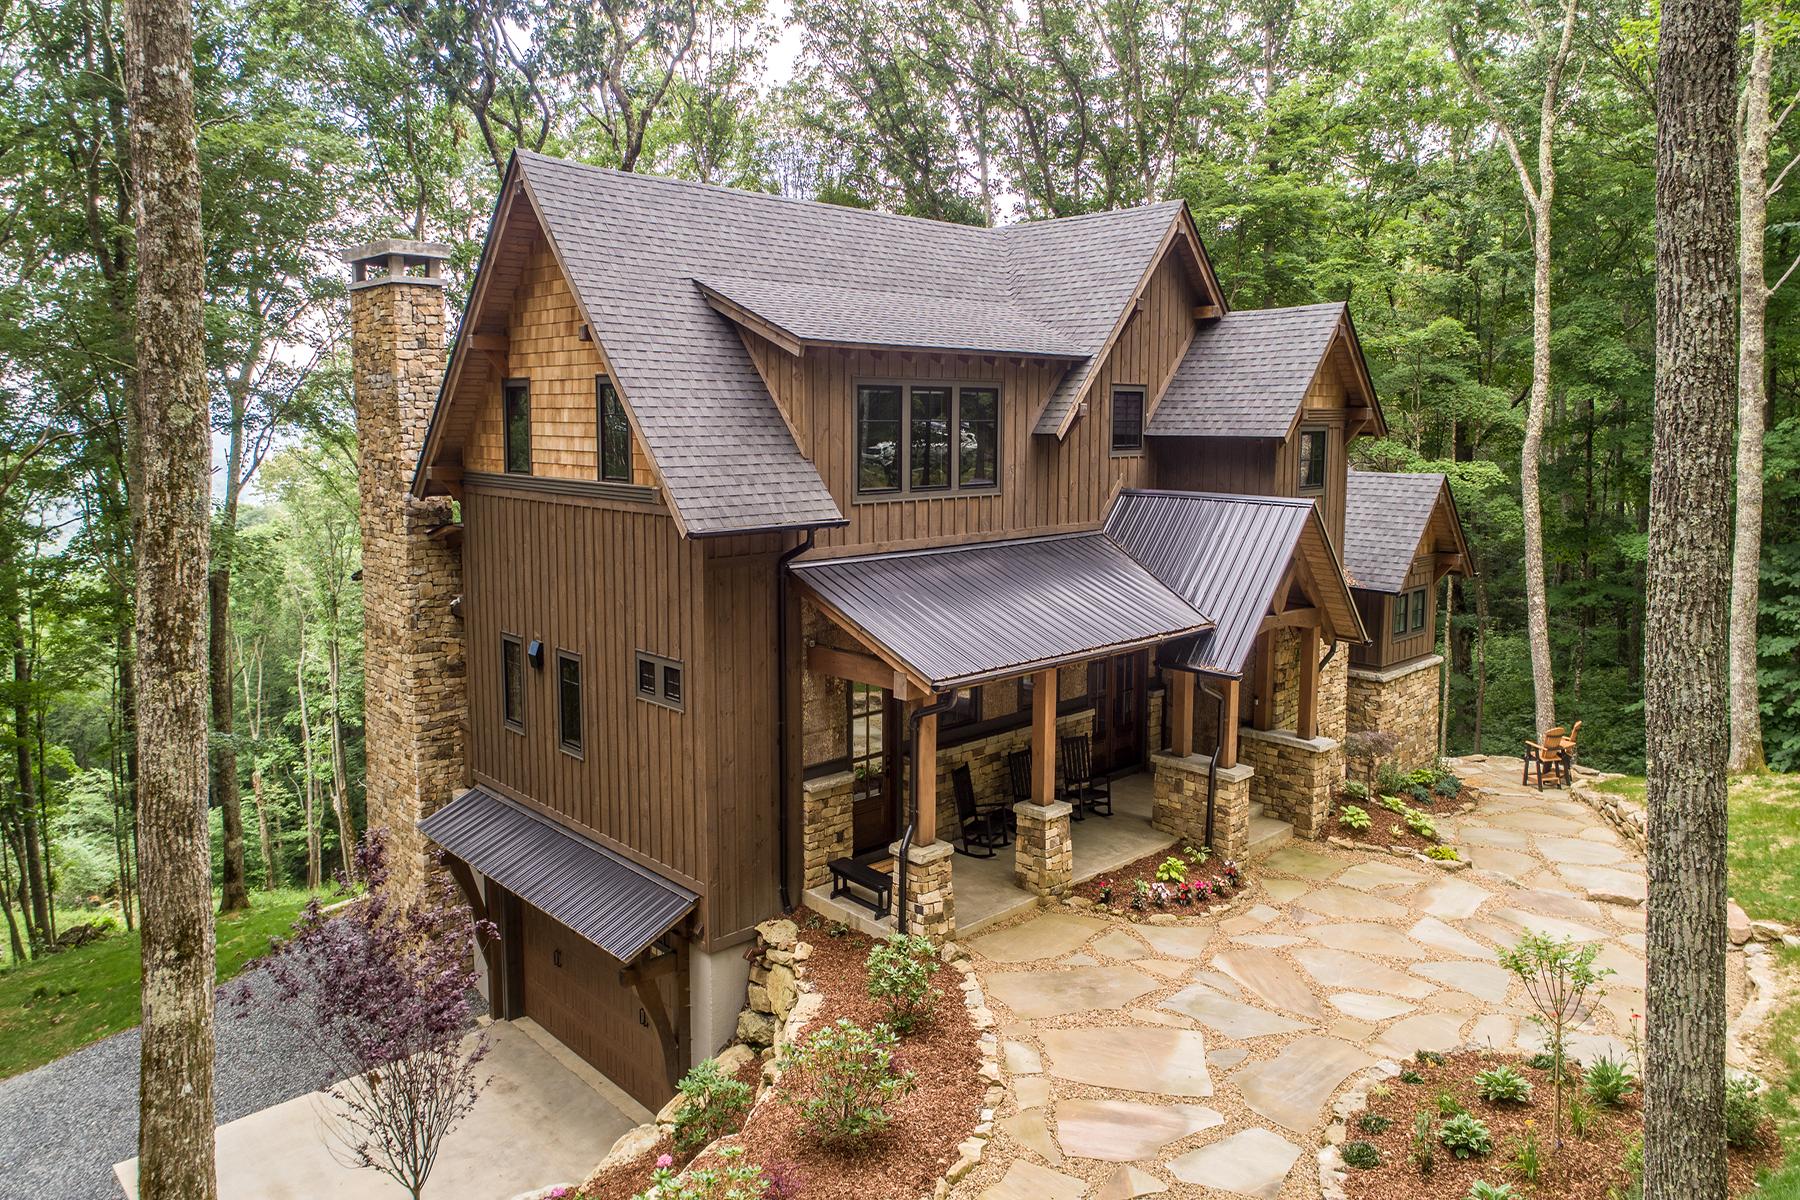 Single Family Homes for Sale at BANNER ELK - THE LODGES AT EAGLES NEST 389 Lodge Woods Trl Banner Elk, North Carolina 28604 United States